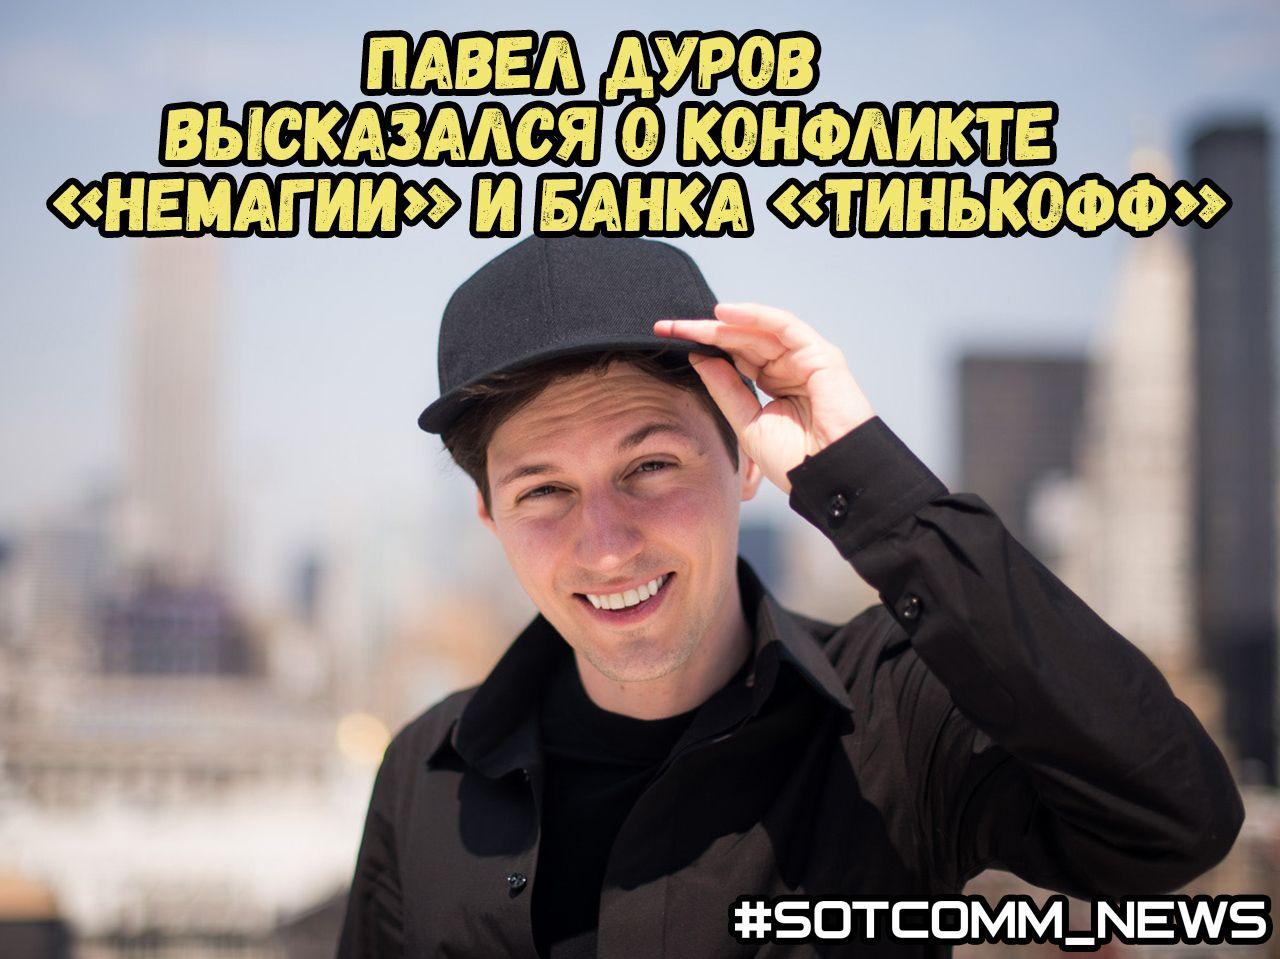 Павел Дуров высказался о конфликте «Немагии» и банка «Тинькофф»